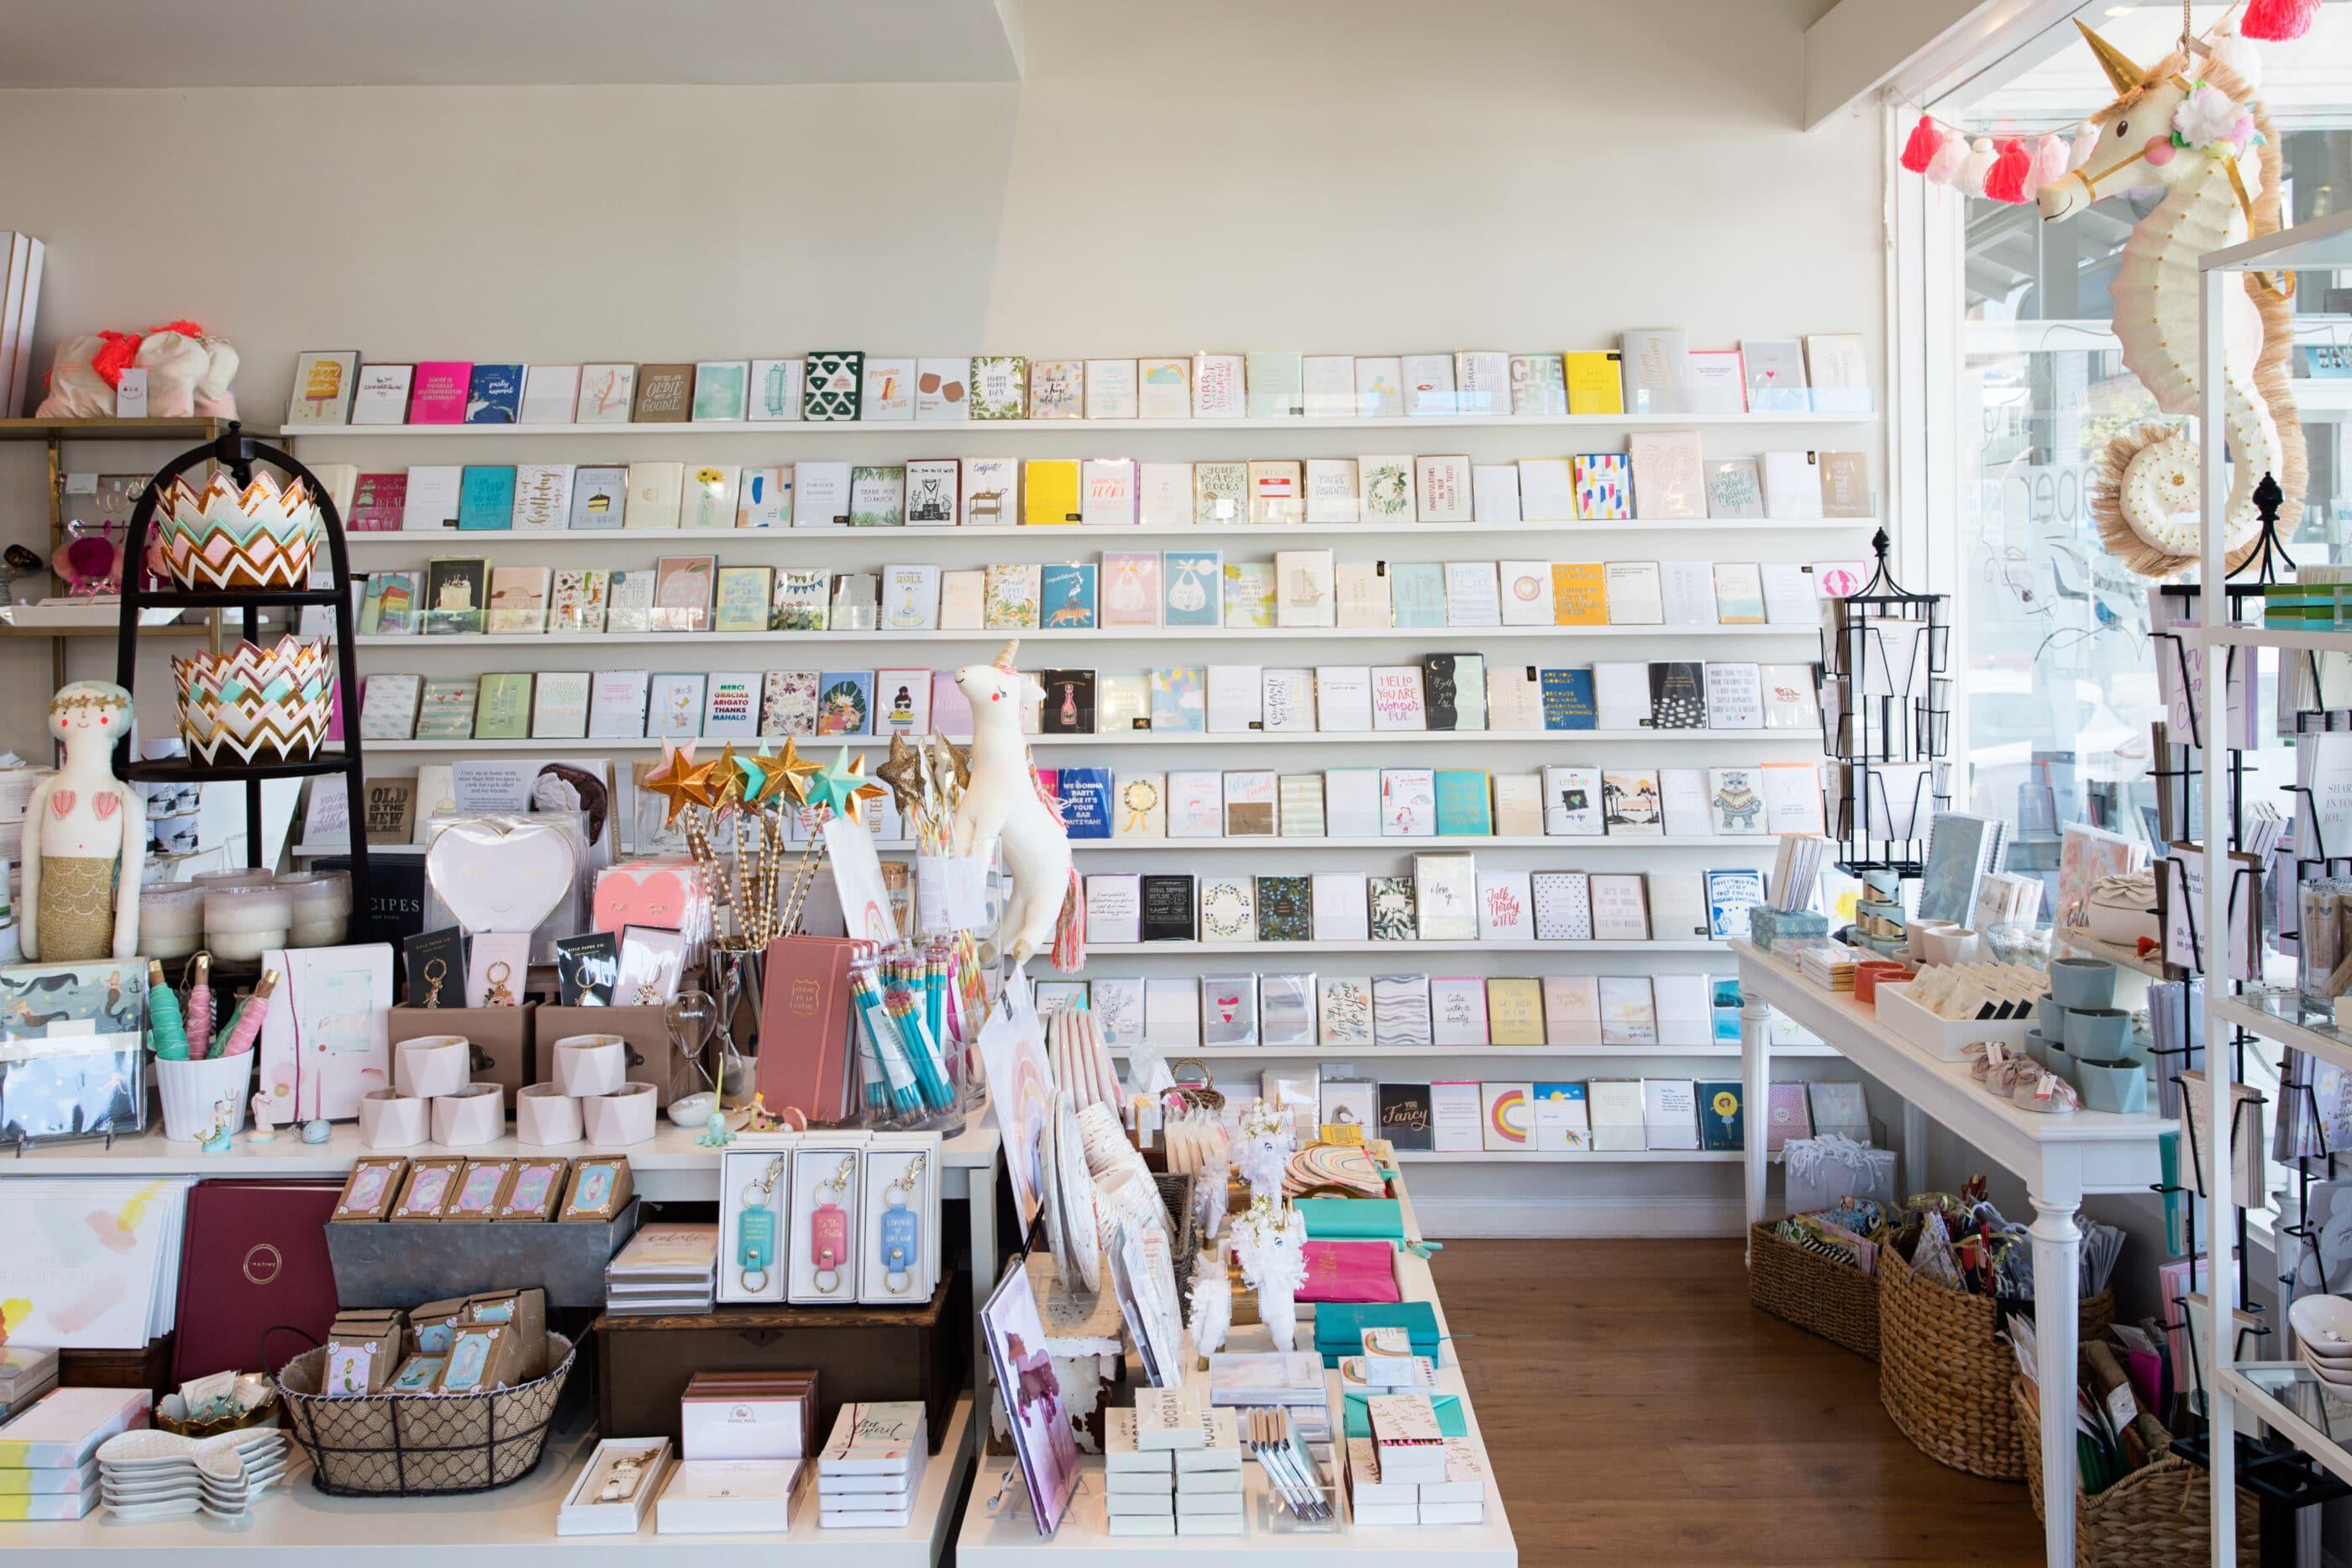 Best La Jolla Shopping: Sweet Paper